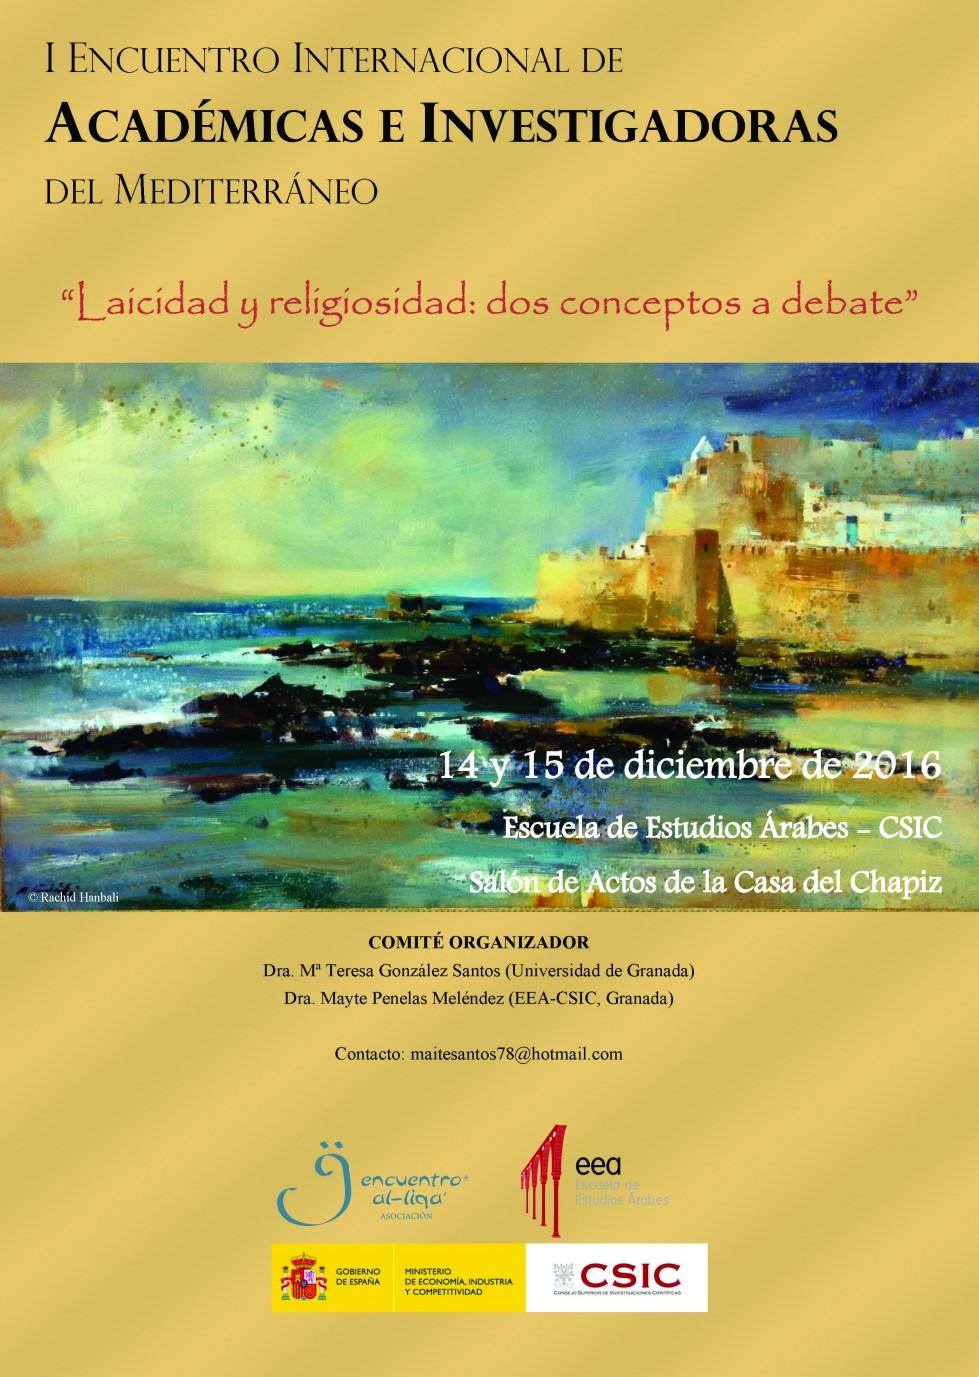 """14-15 Diciembre.I Encuentro Internacional de Académicas e Investigadoras del Mediterráneo  """"Laicidad y religiosidad: dos conceptos a debate"""""""